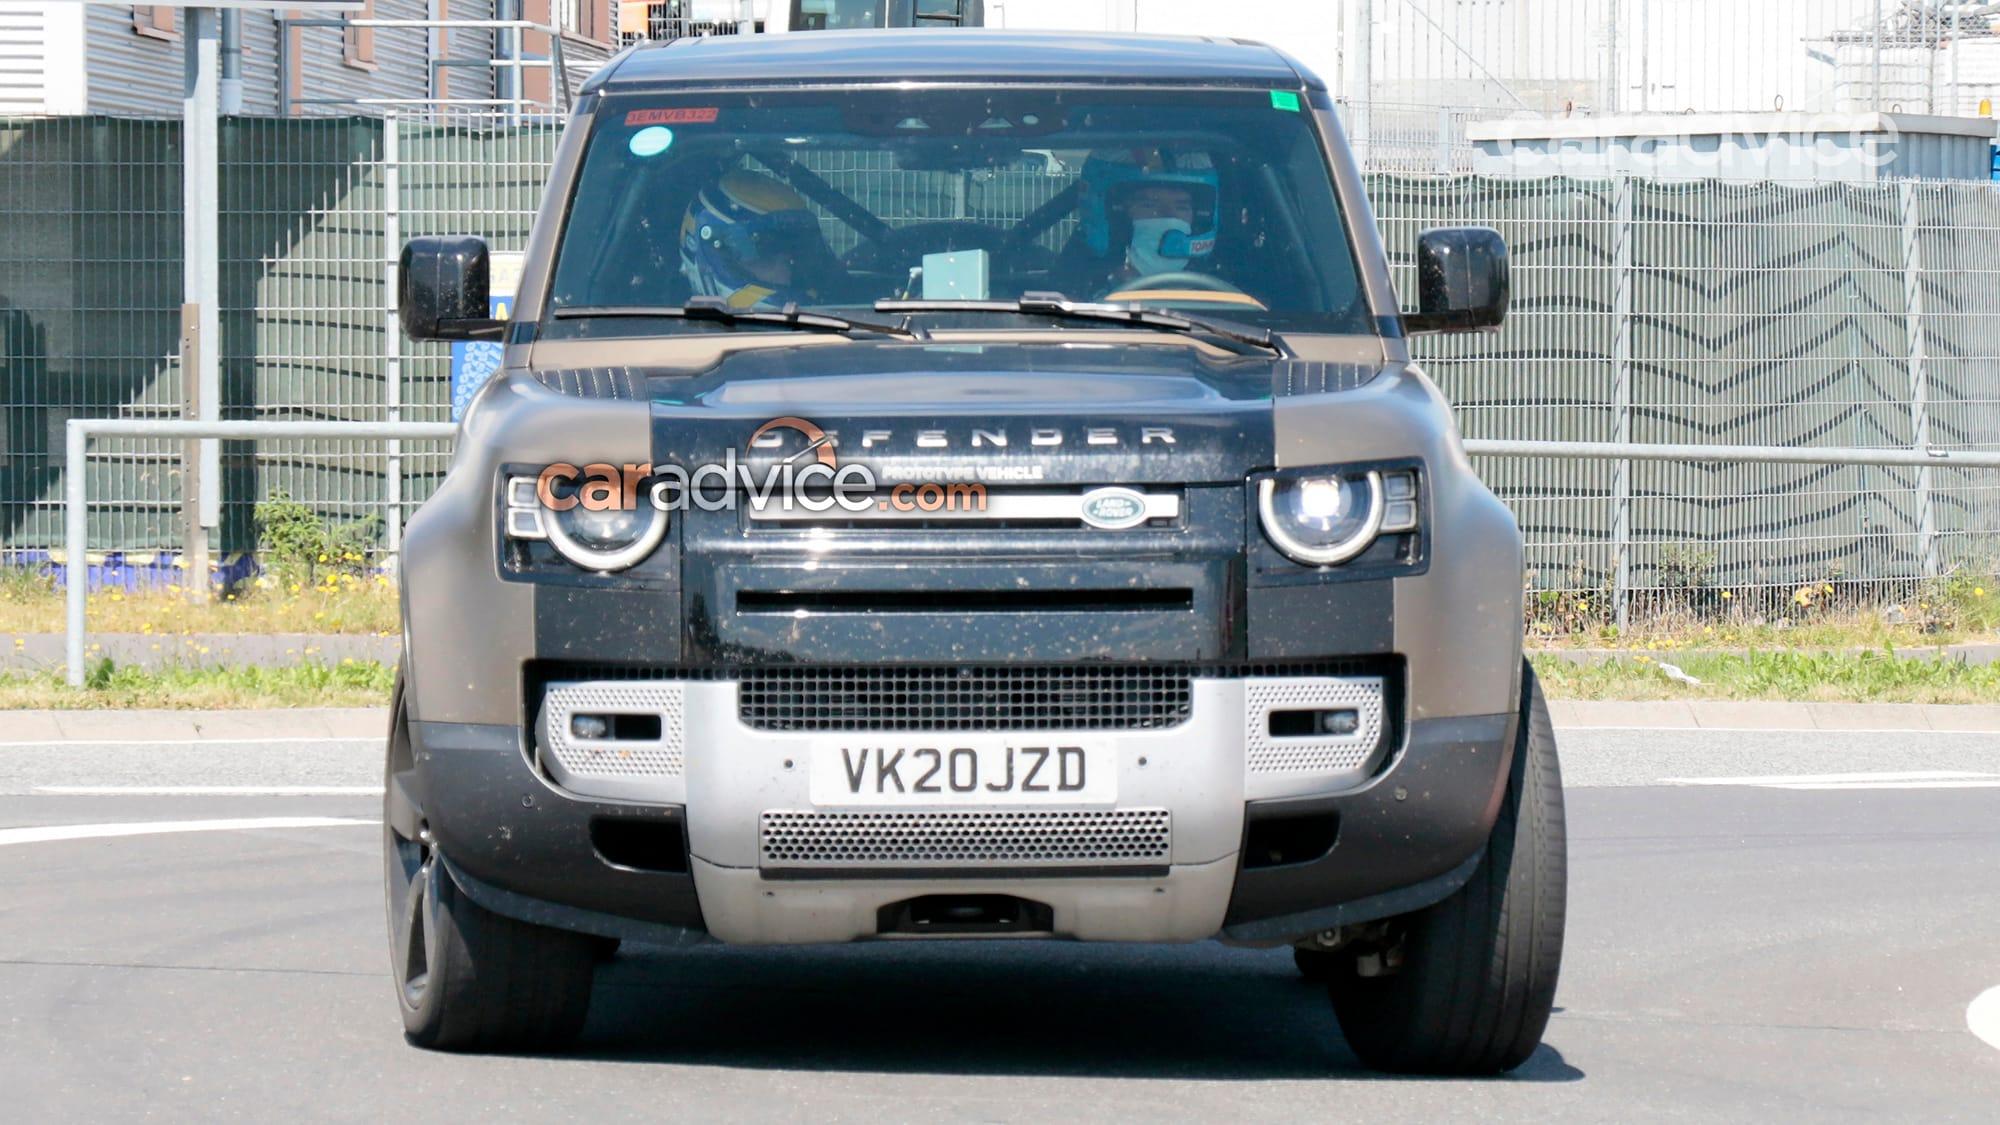 2021 Land Rover Defender V8 spy photos | CarAdvice